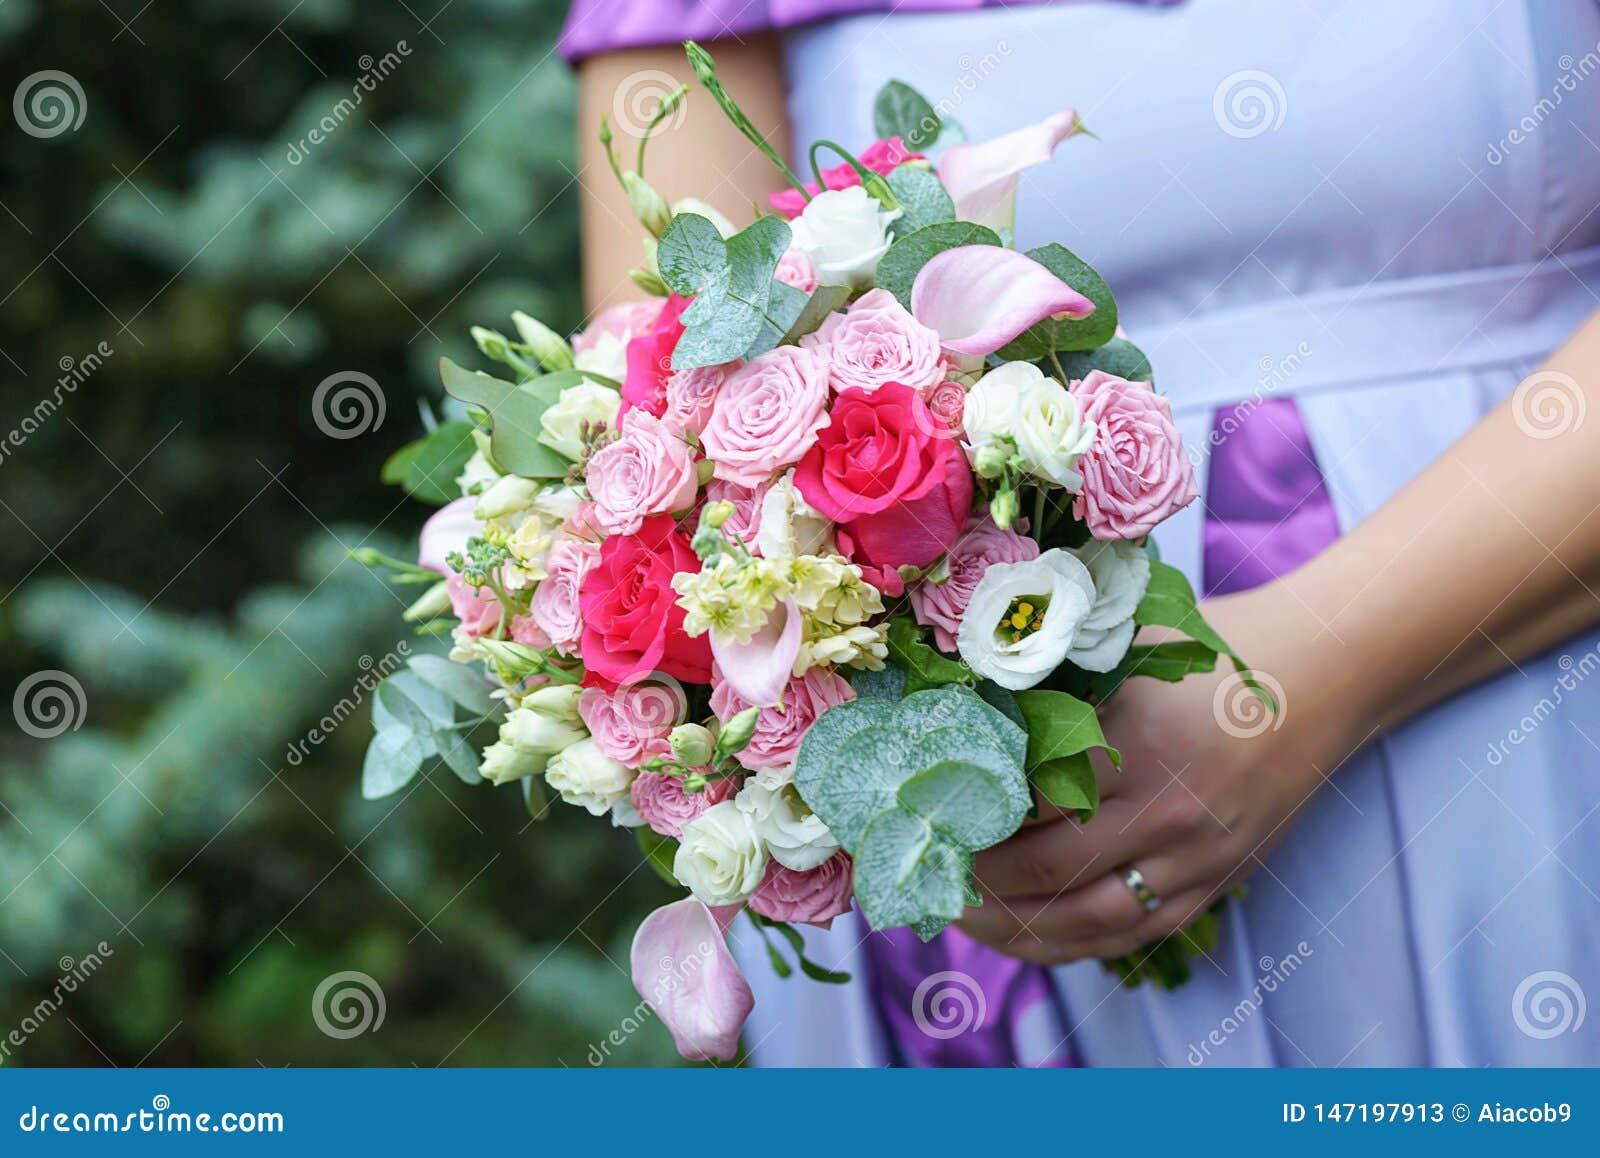 穿显示可爱宝宝爆沸和拿着婚姻的花束的一件淡紫色夏天礼服的白种人女性客人或女傧相